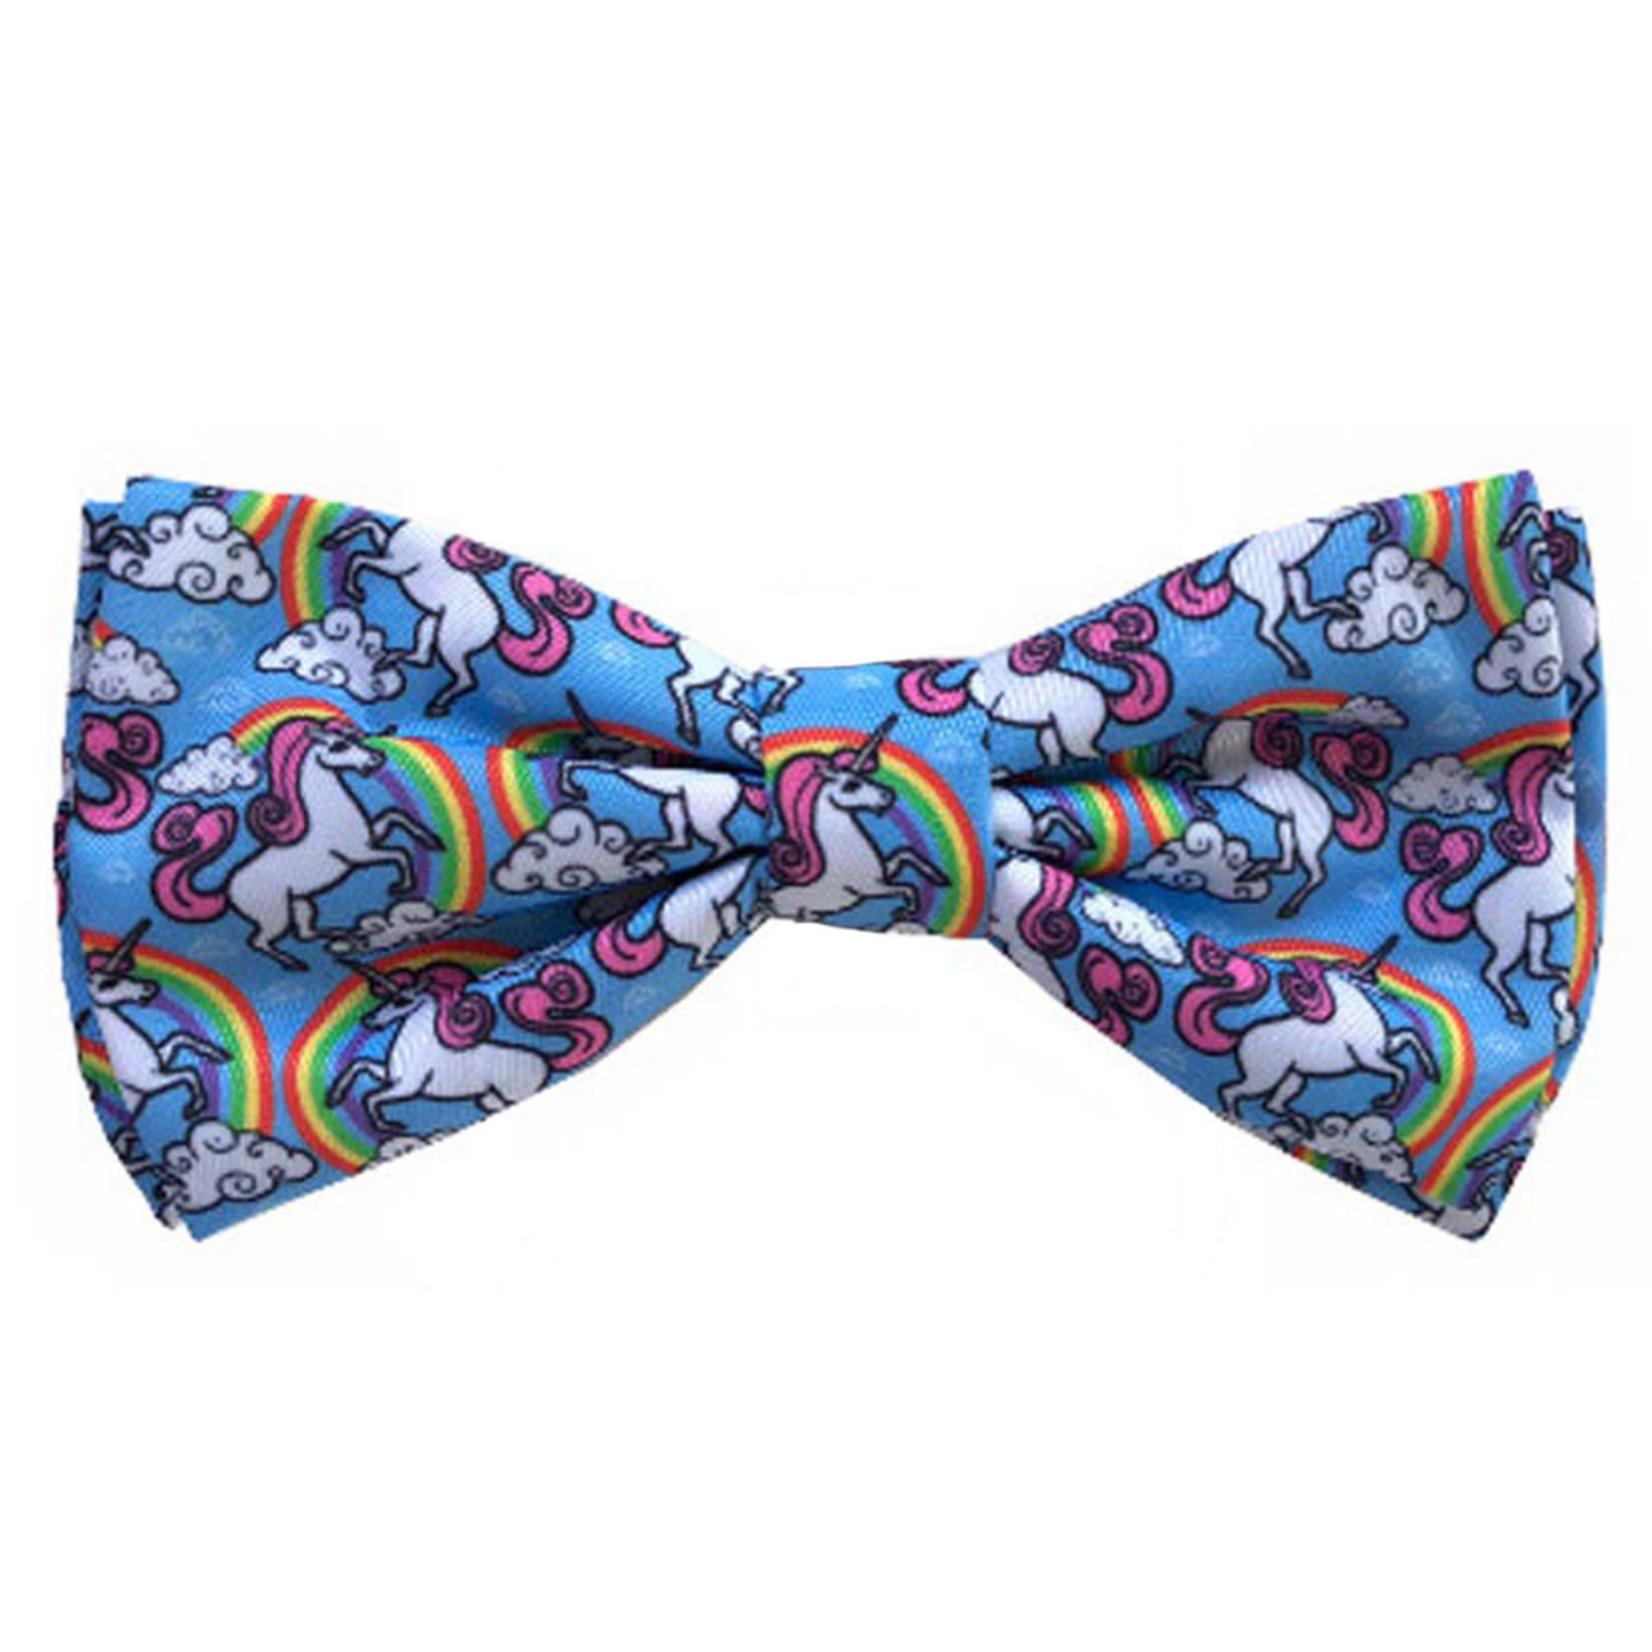 Huxley & Kent Huxley & Ken Bow Tie Magic Unicorn Large